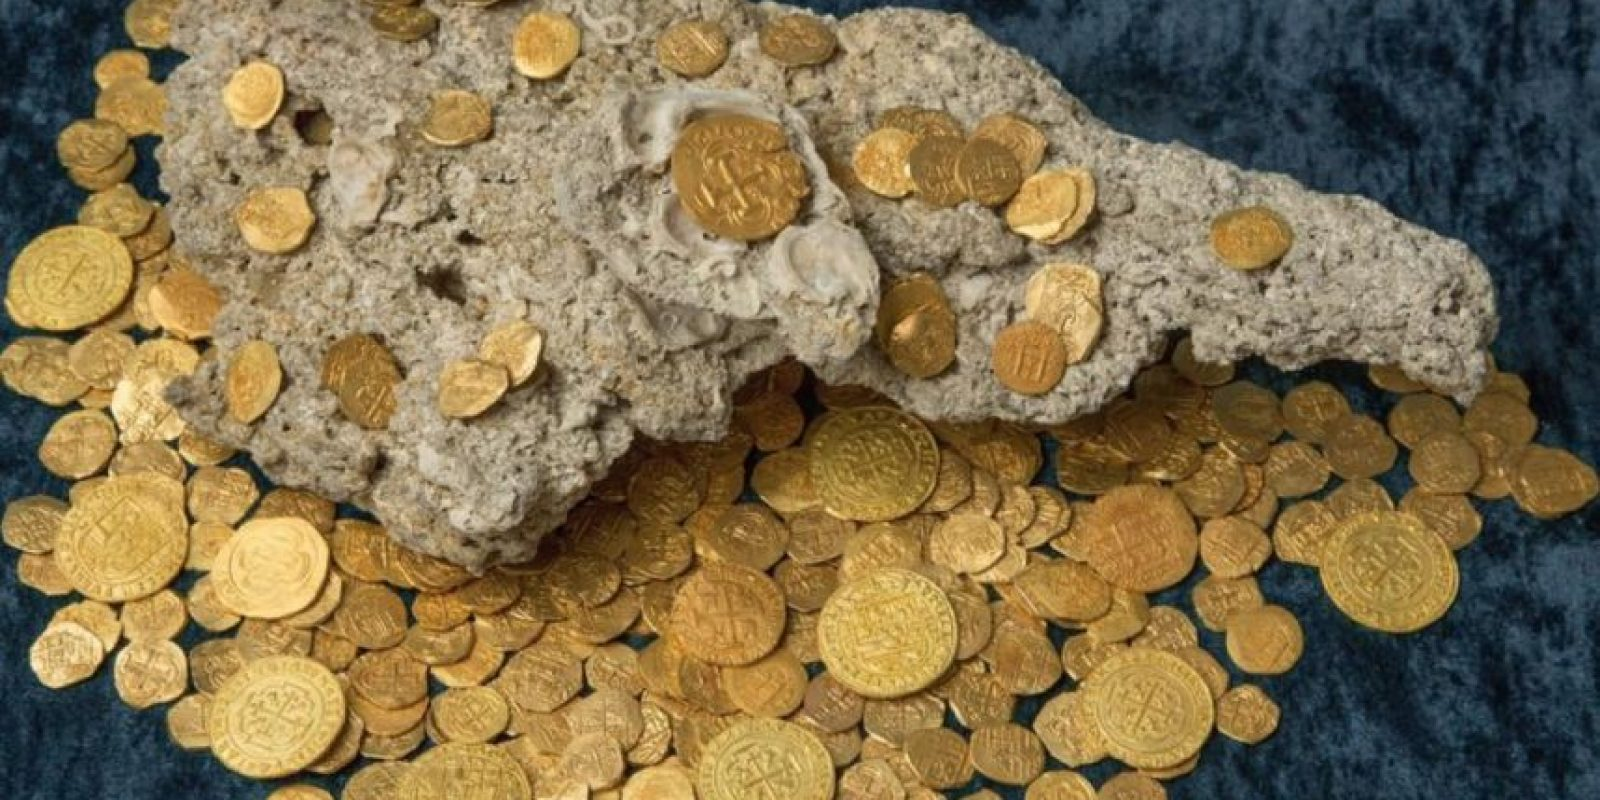 El hallazgo se produjo en Vero Beach, unos 20 kilómetros al norte de Fort Pierce donde fueron encontradas las otras monedas. Foto:Vía facebook.com/1715-Fleet-Queens-Jewels-LLC